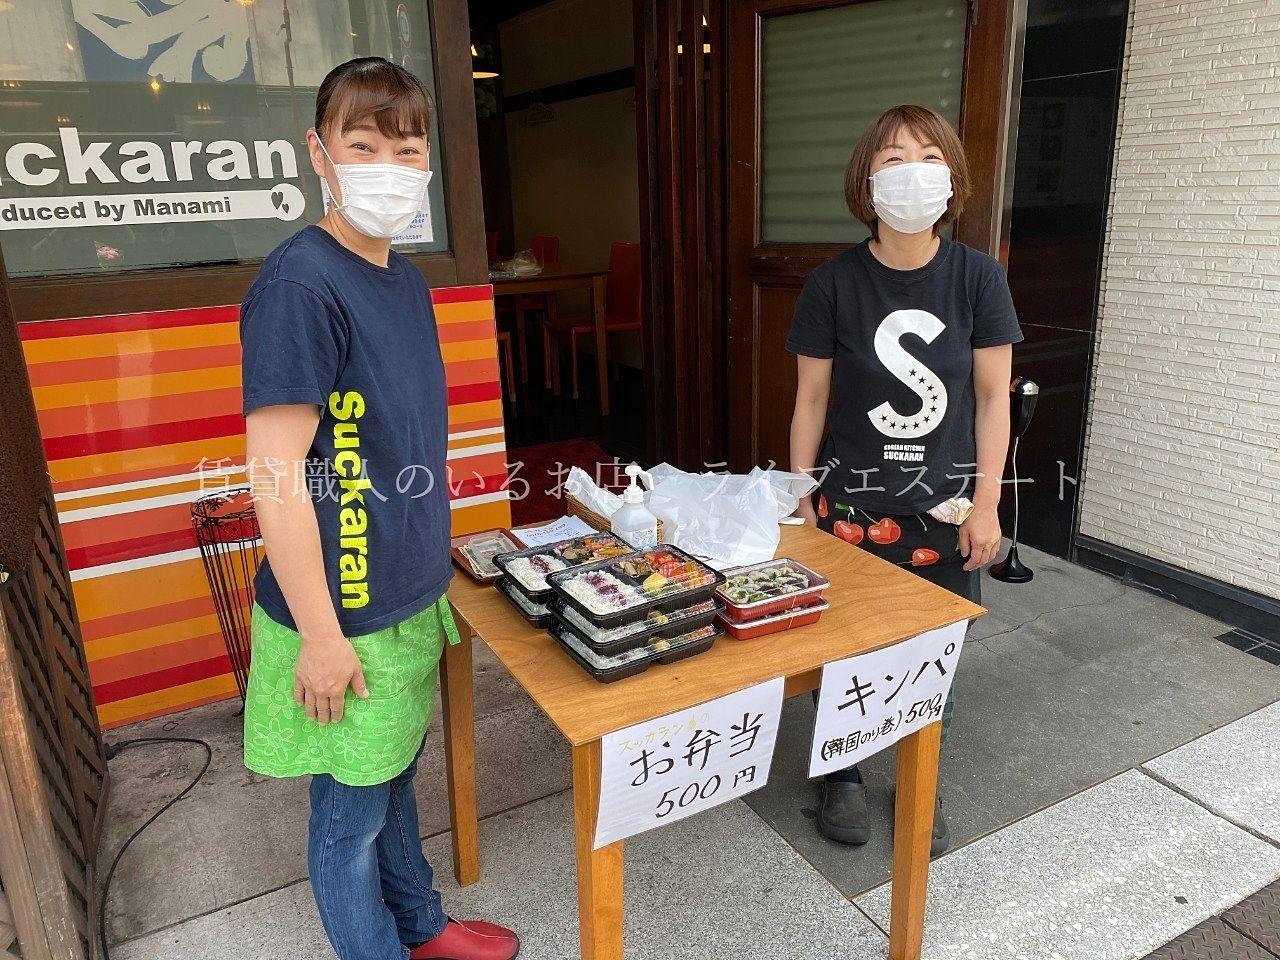 高松市今新町-コリア食堂 スッカランでテイクアウト弁当